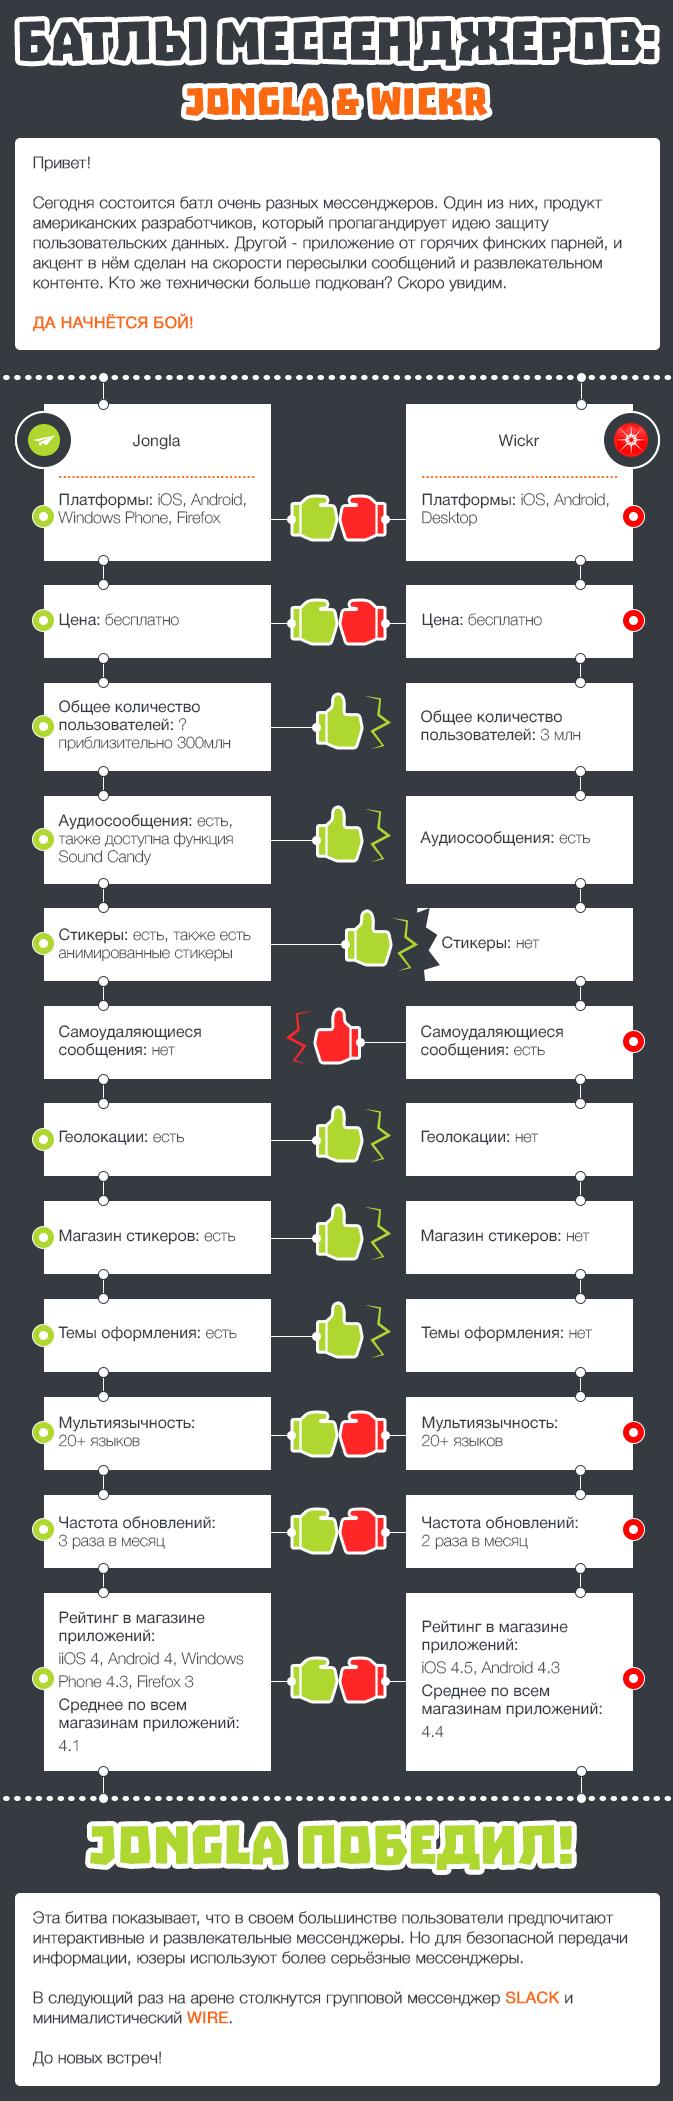 Батлы Мессенджеров Jongla & Wickr